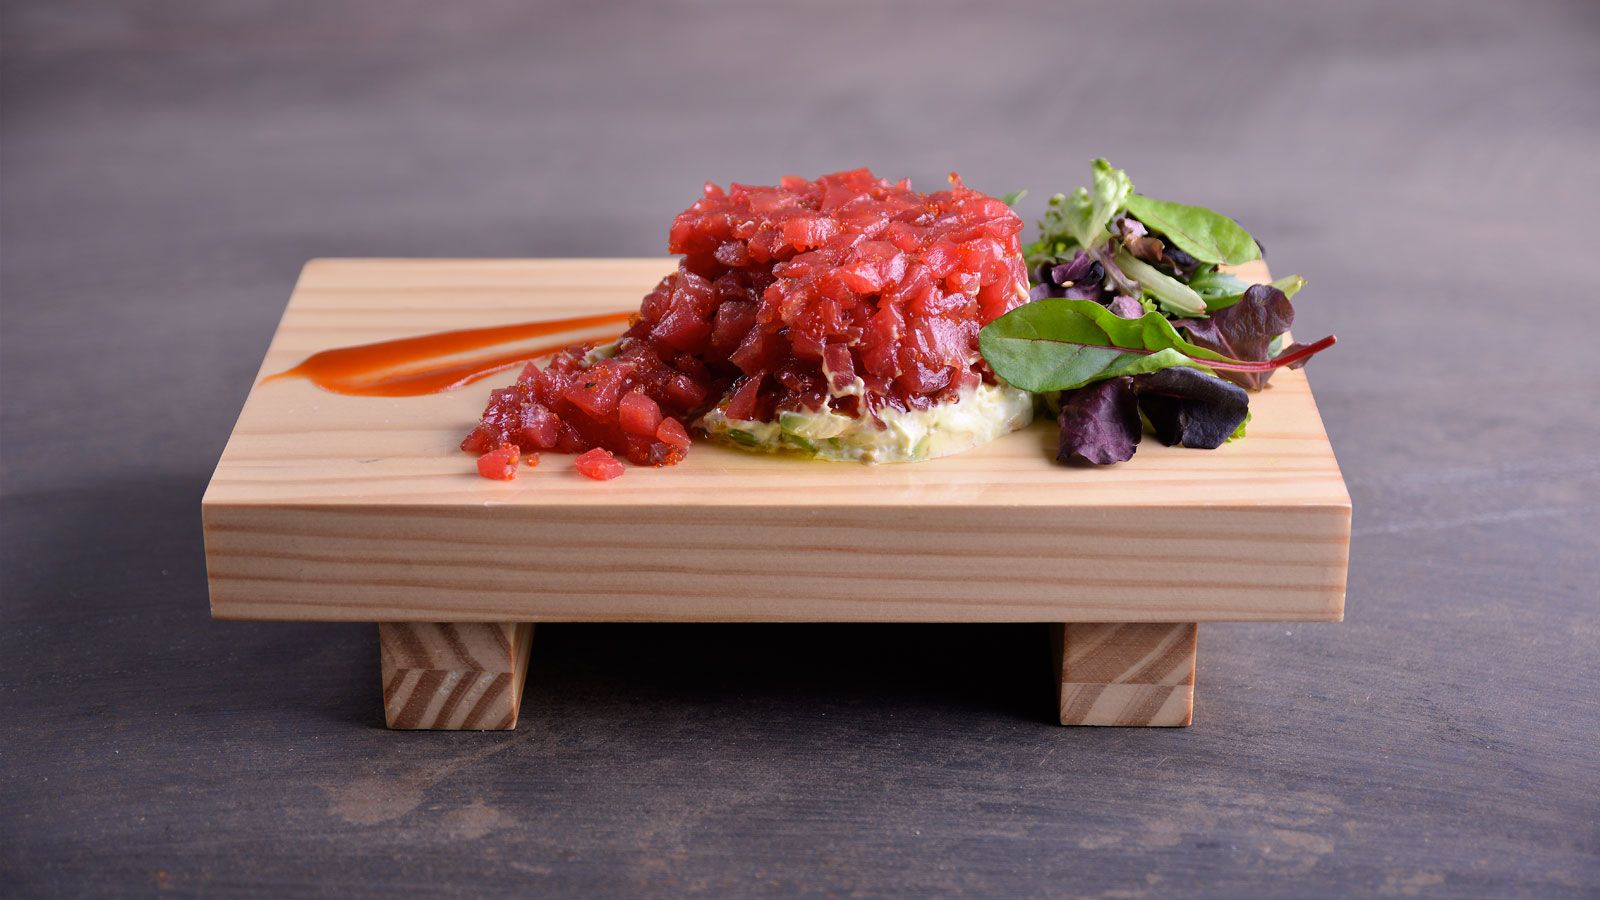 Como Cocinar Atun Rojo | Tartar De Atun Rojo Con Salsa Sriracha Hung Fai Chiu Chi Video